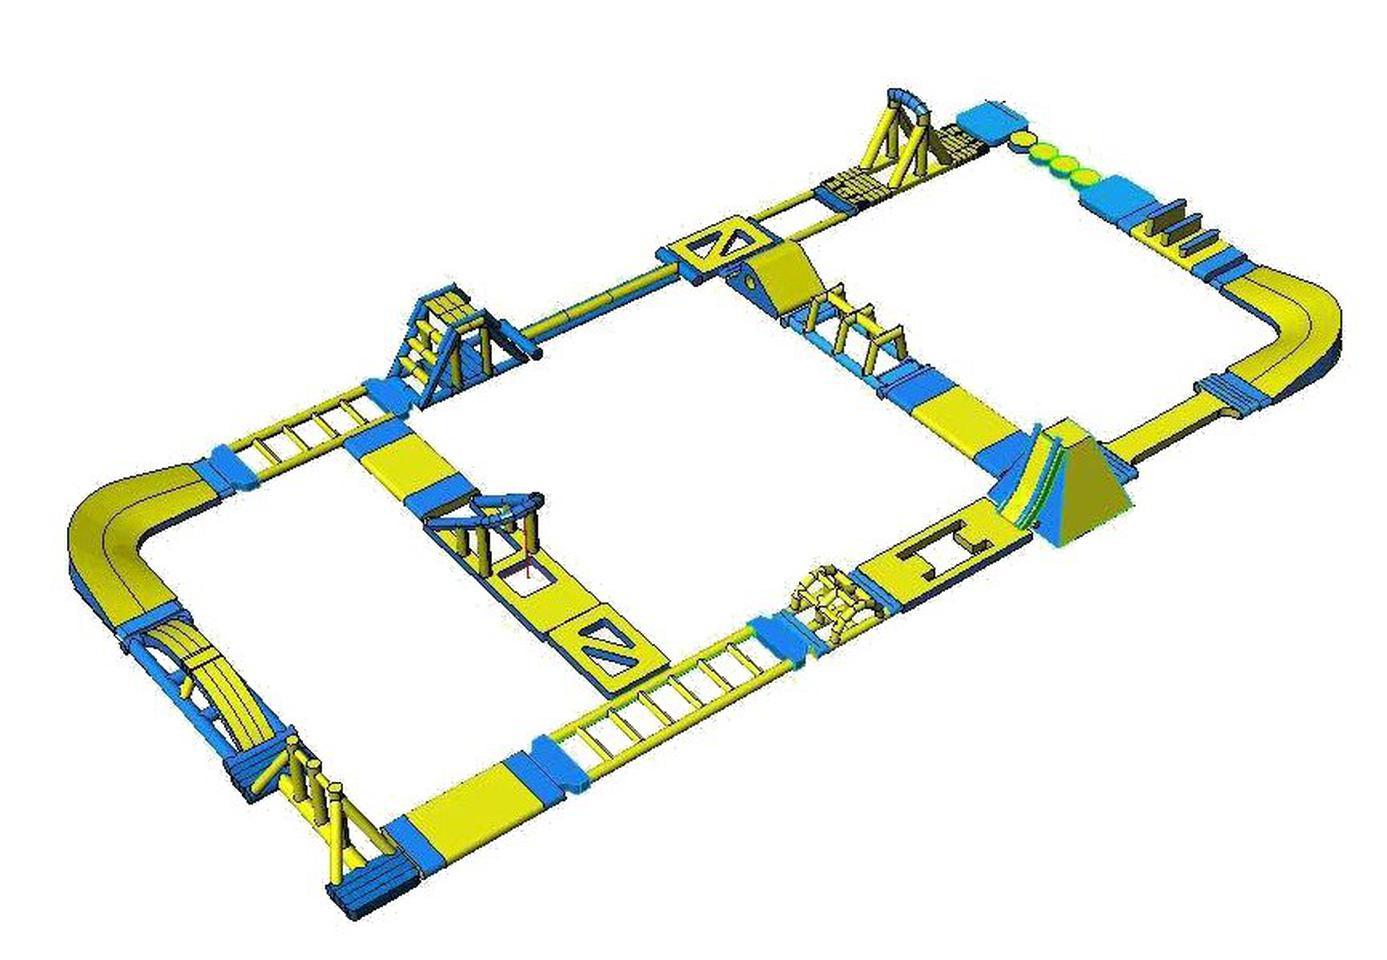 เครื่องเล่นสวนน้ำ obstacle game 40X20M เครื่องเล่นสวนน้ำ อุปสรรค 40X20M รูปที่ 1